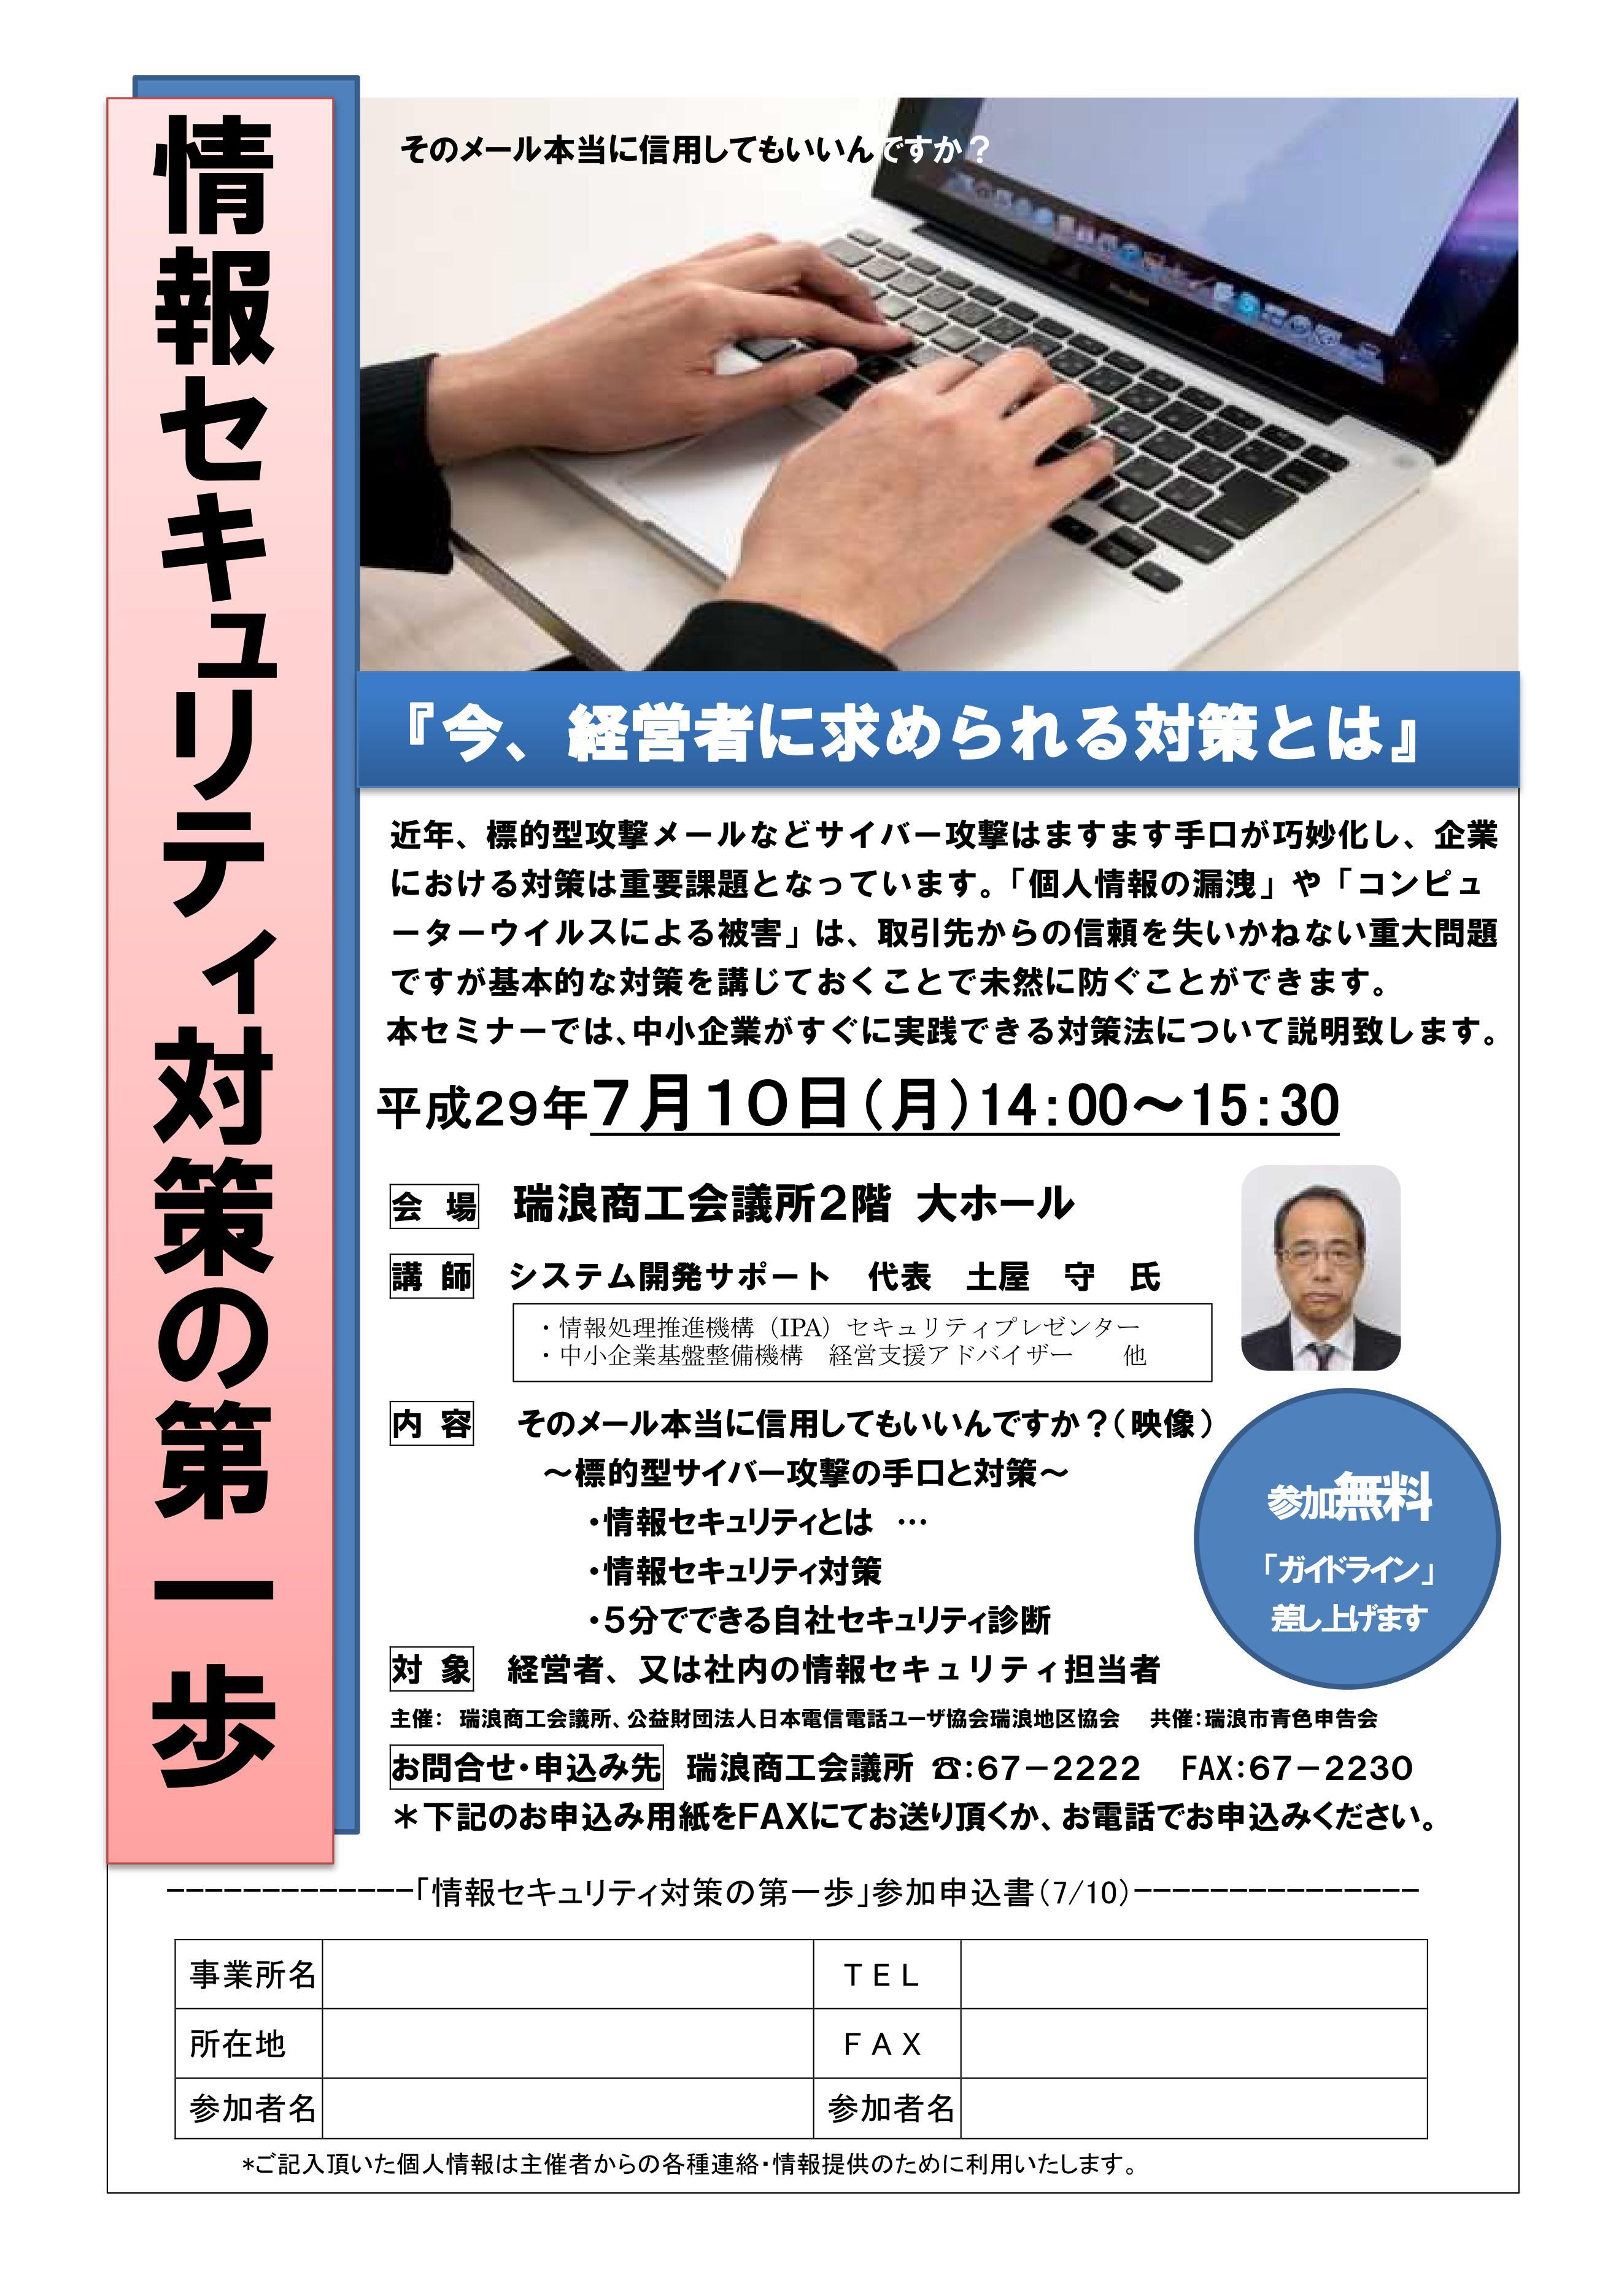 【セミナー】情報セキュリティ対策の第一歩